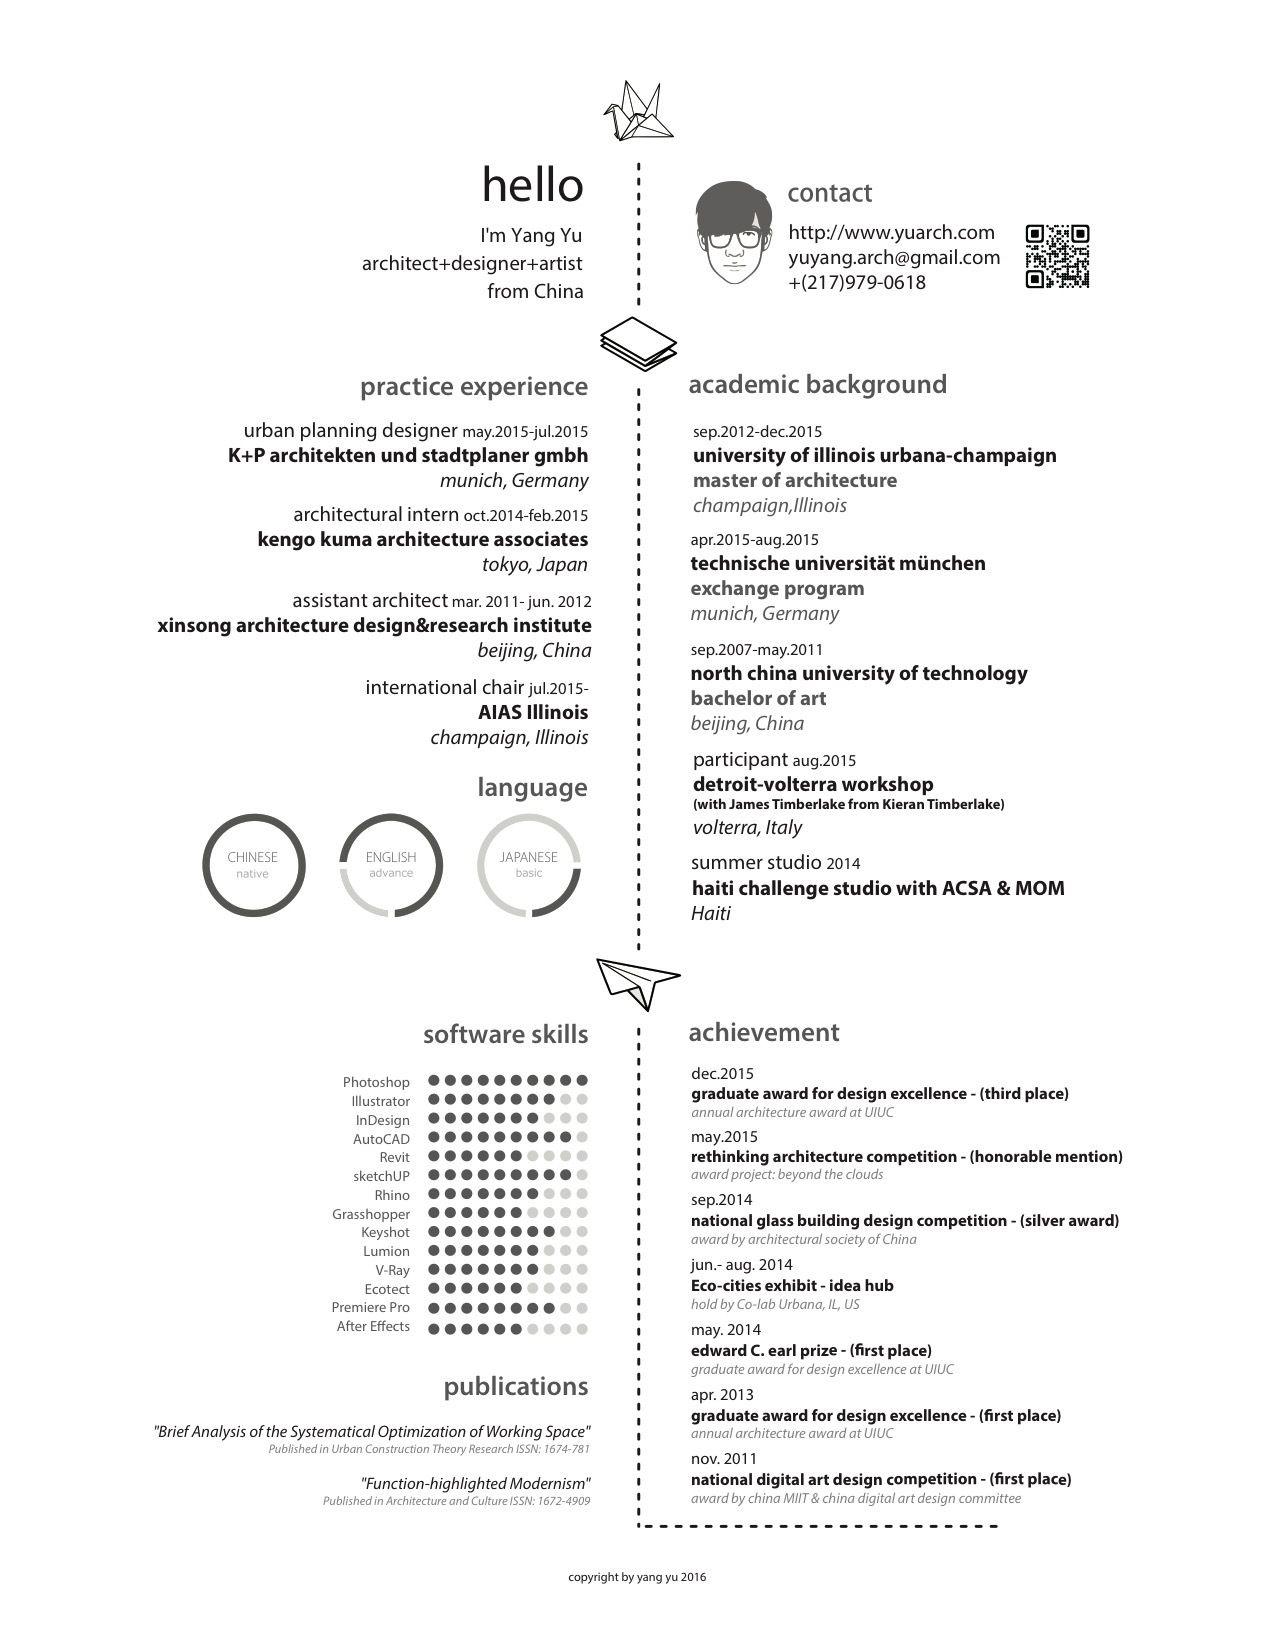 Gallery of The Top Architecture Résumé/CV Designs - 10   Portfolio ...